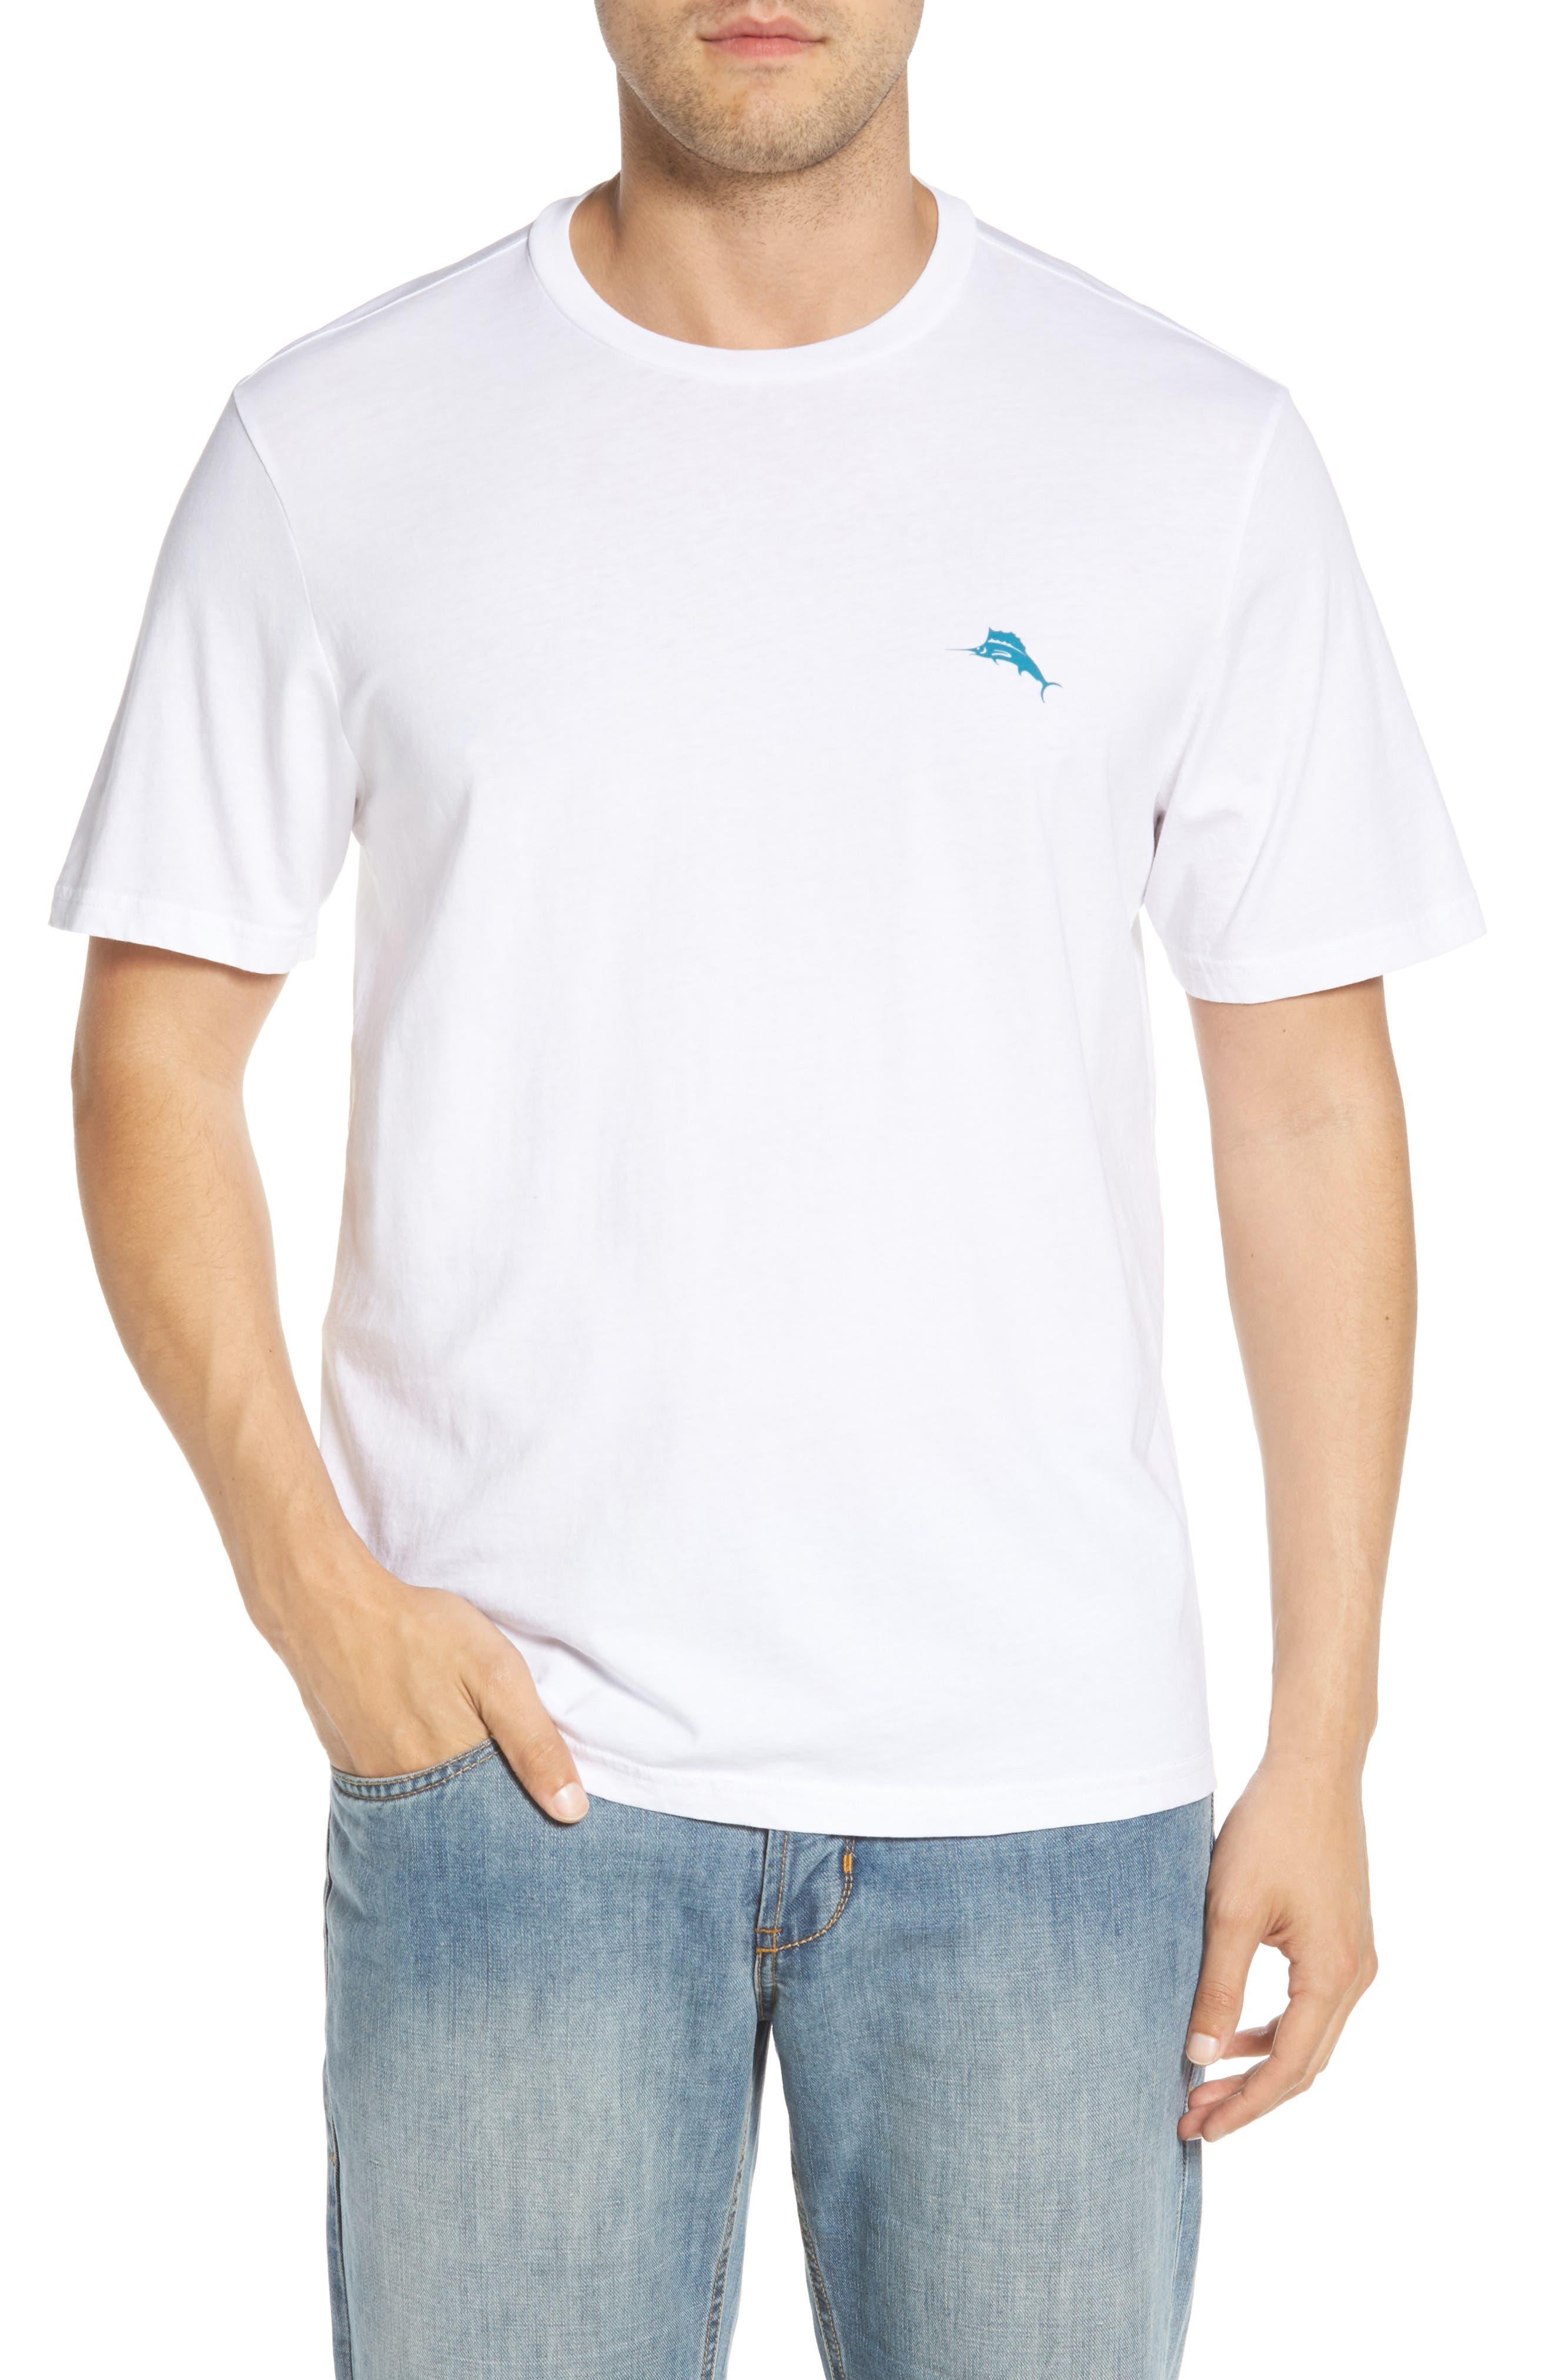 Parrot Pair T-Shirt,                         Main,                         color, WHITE